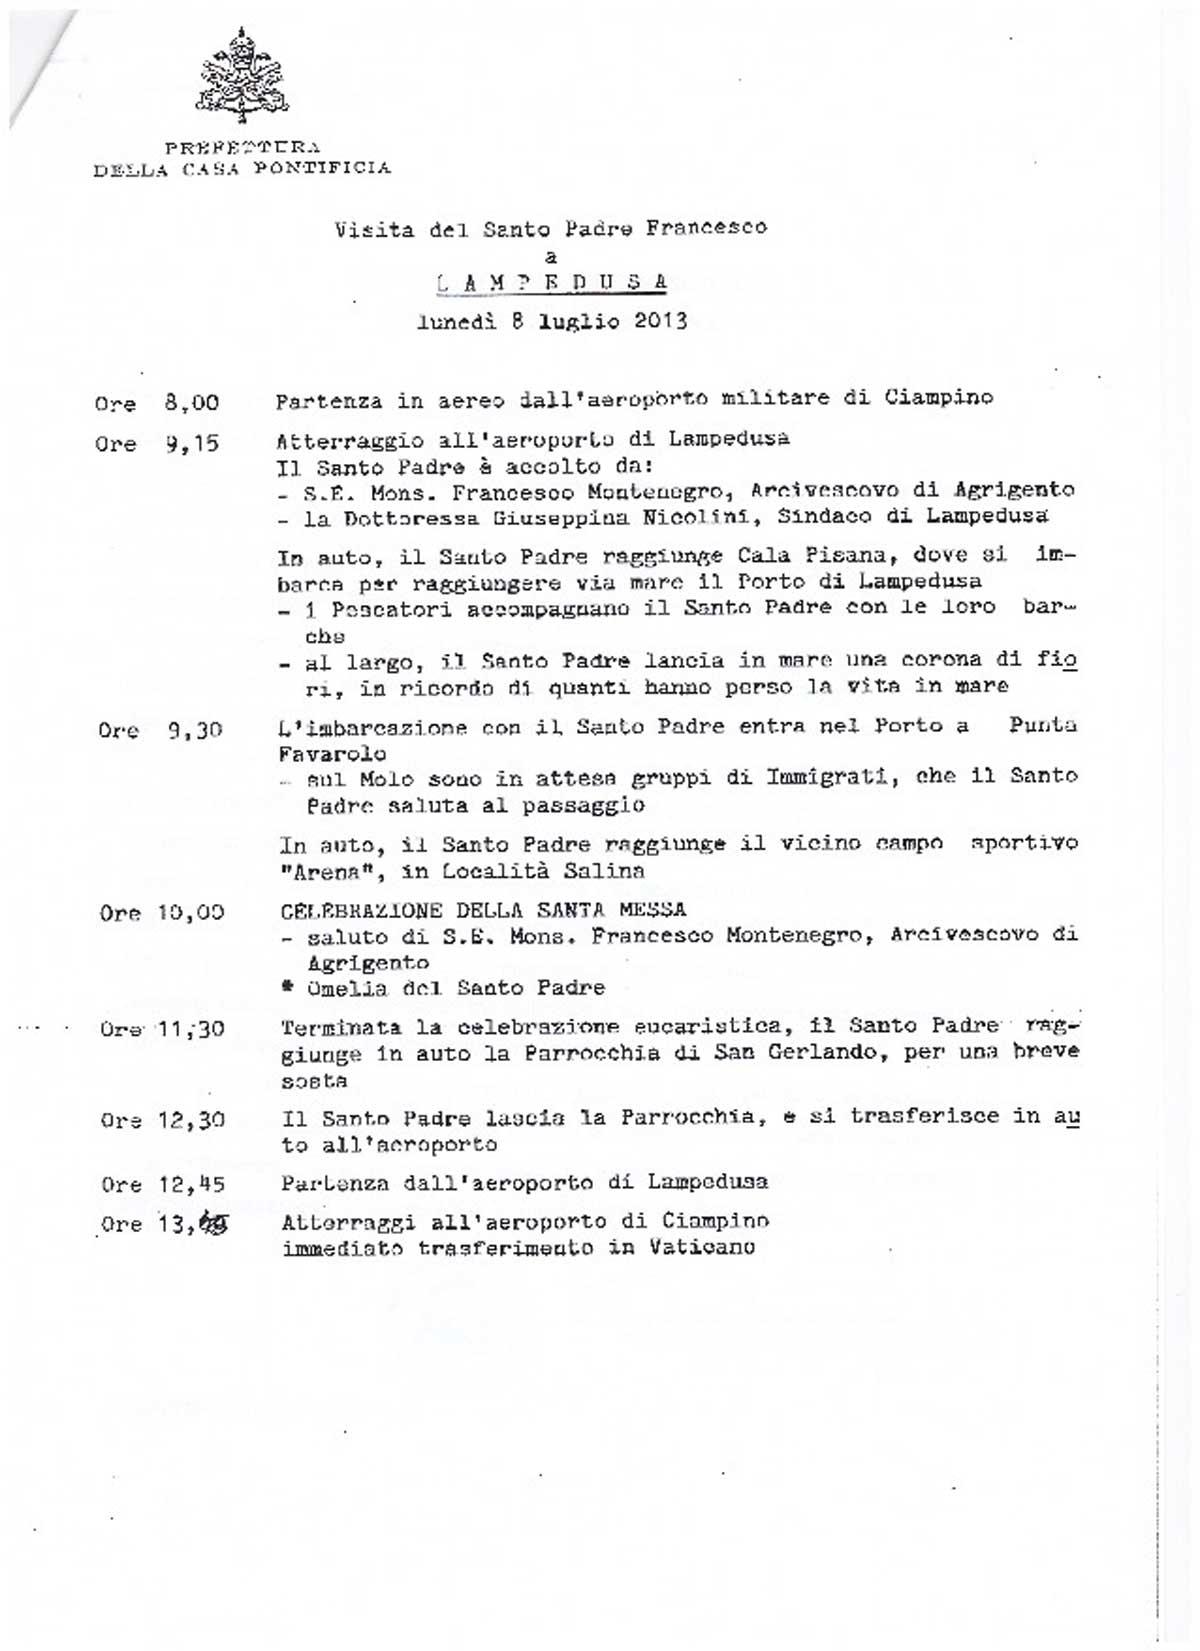 La visita l 39 annuncio a sorpresa luned il papa sar a for Programma della mappa della casa